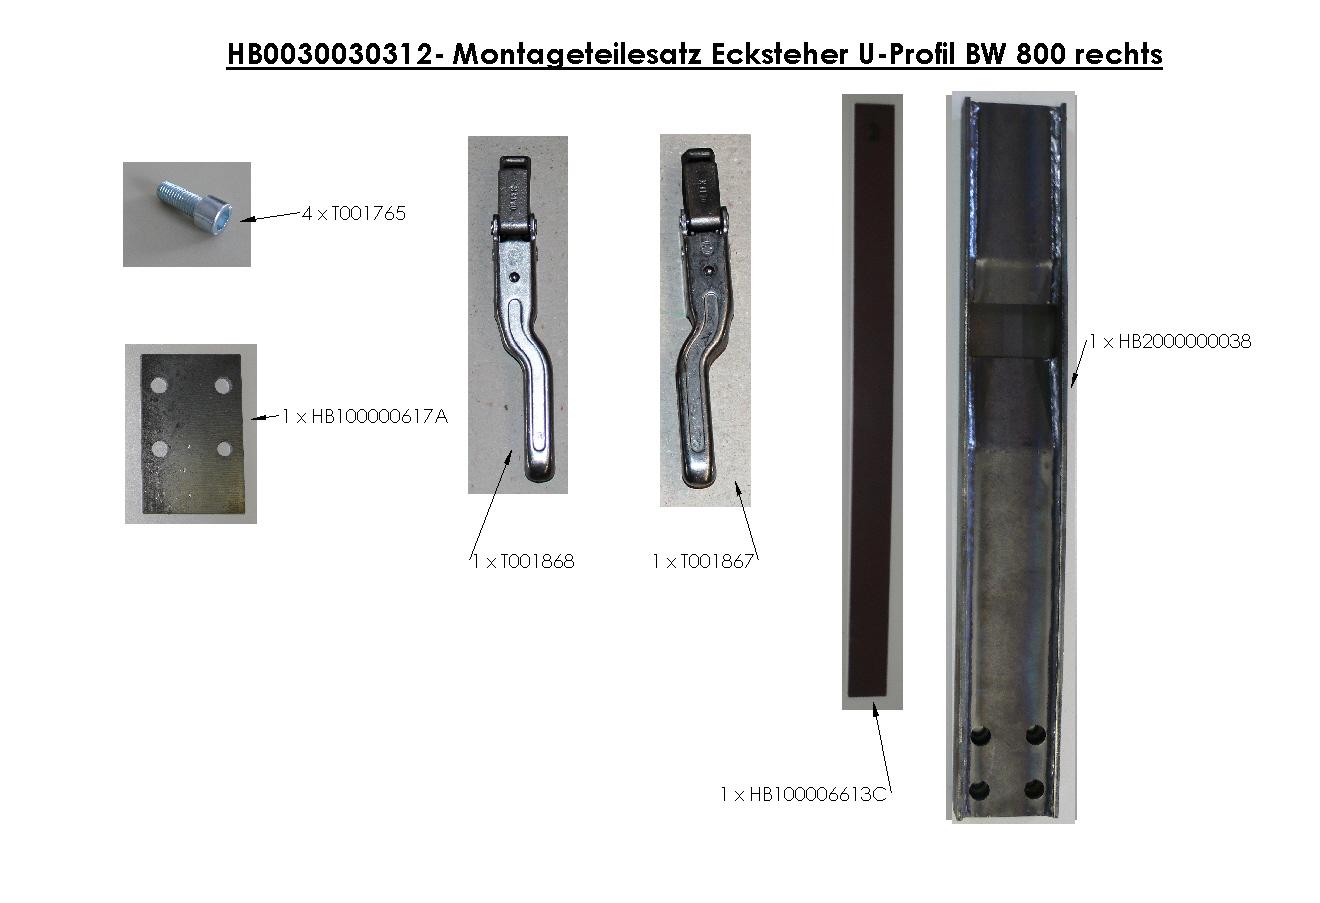 Brantner Kipper und Anhänger - Montageteilesatz Ecksteher U-Profil BW 800 rechts